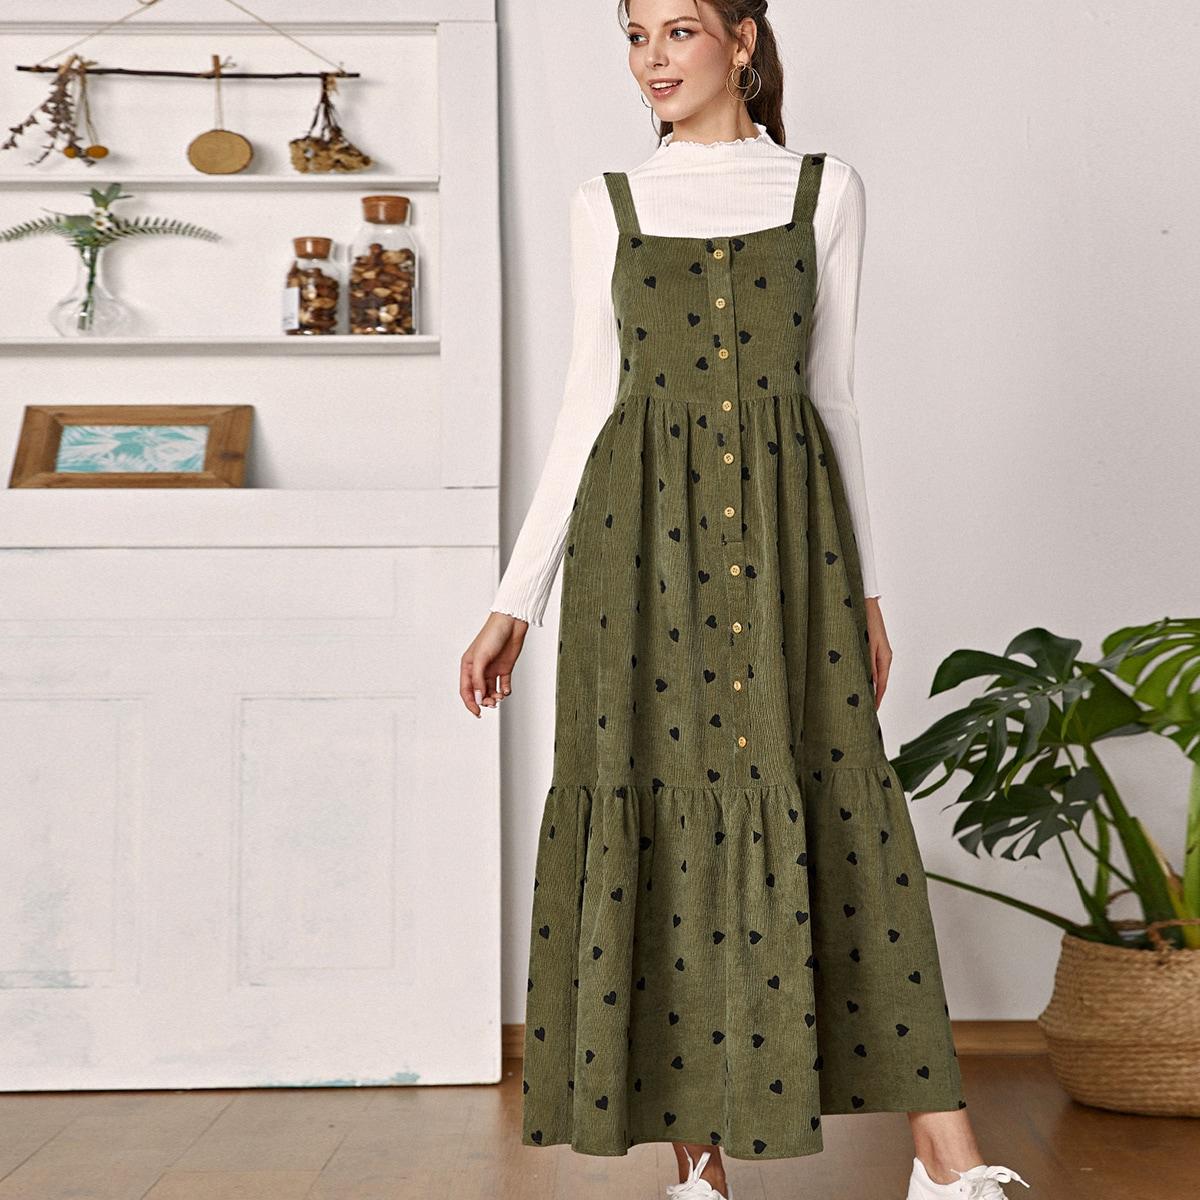 Вельветовое платье с пуговицами и узором сердечка без футболки